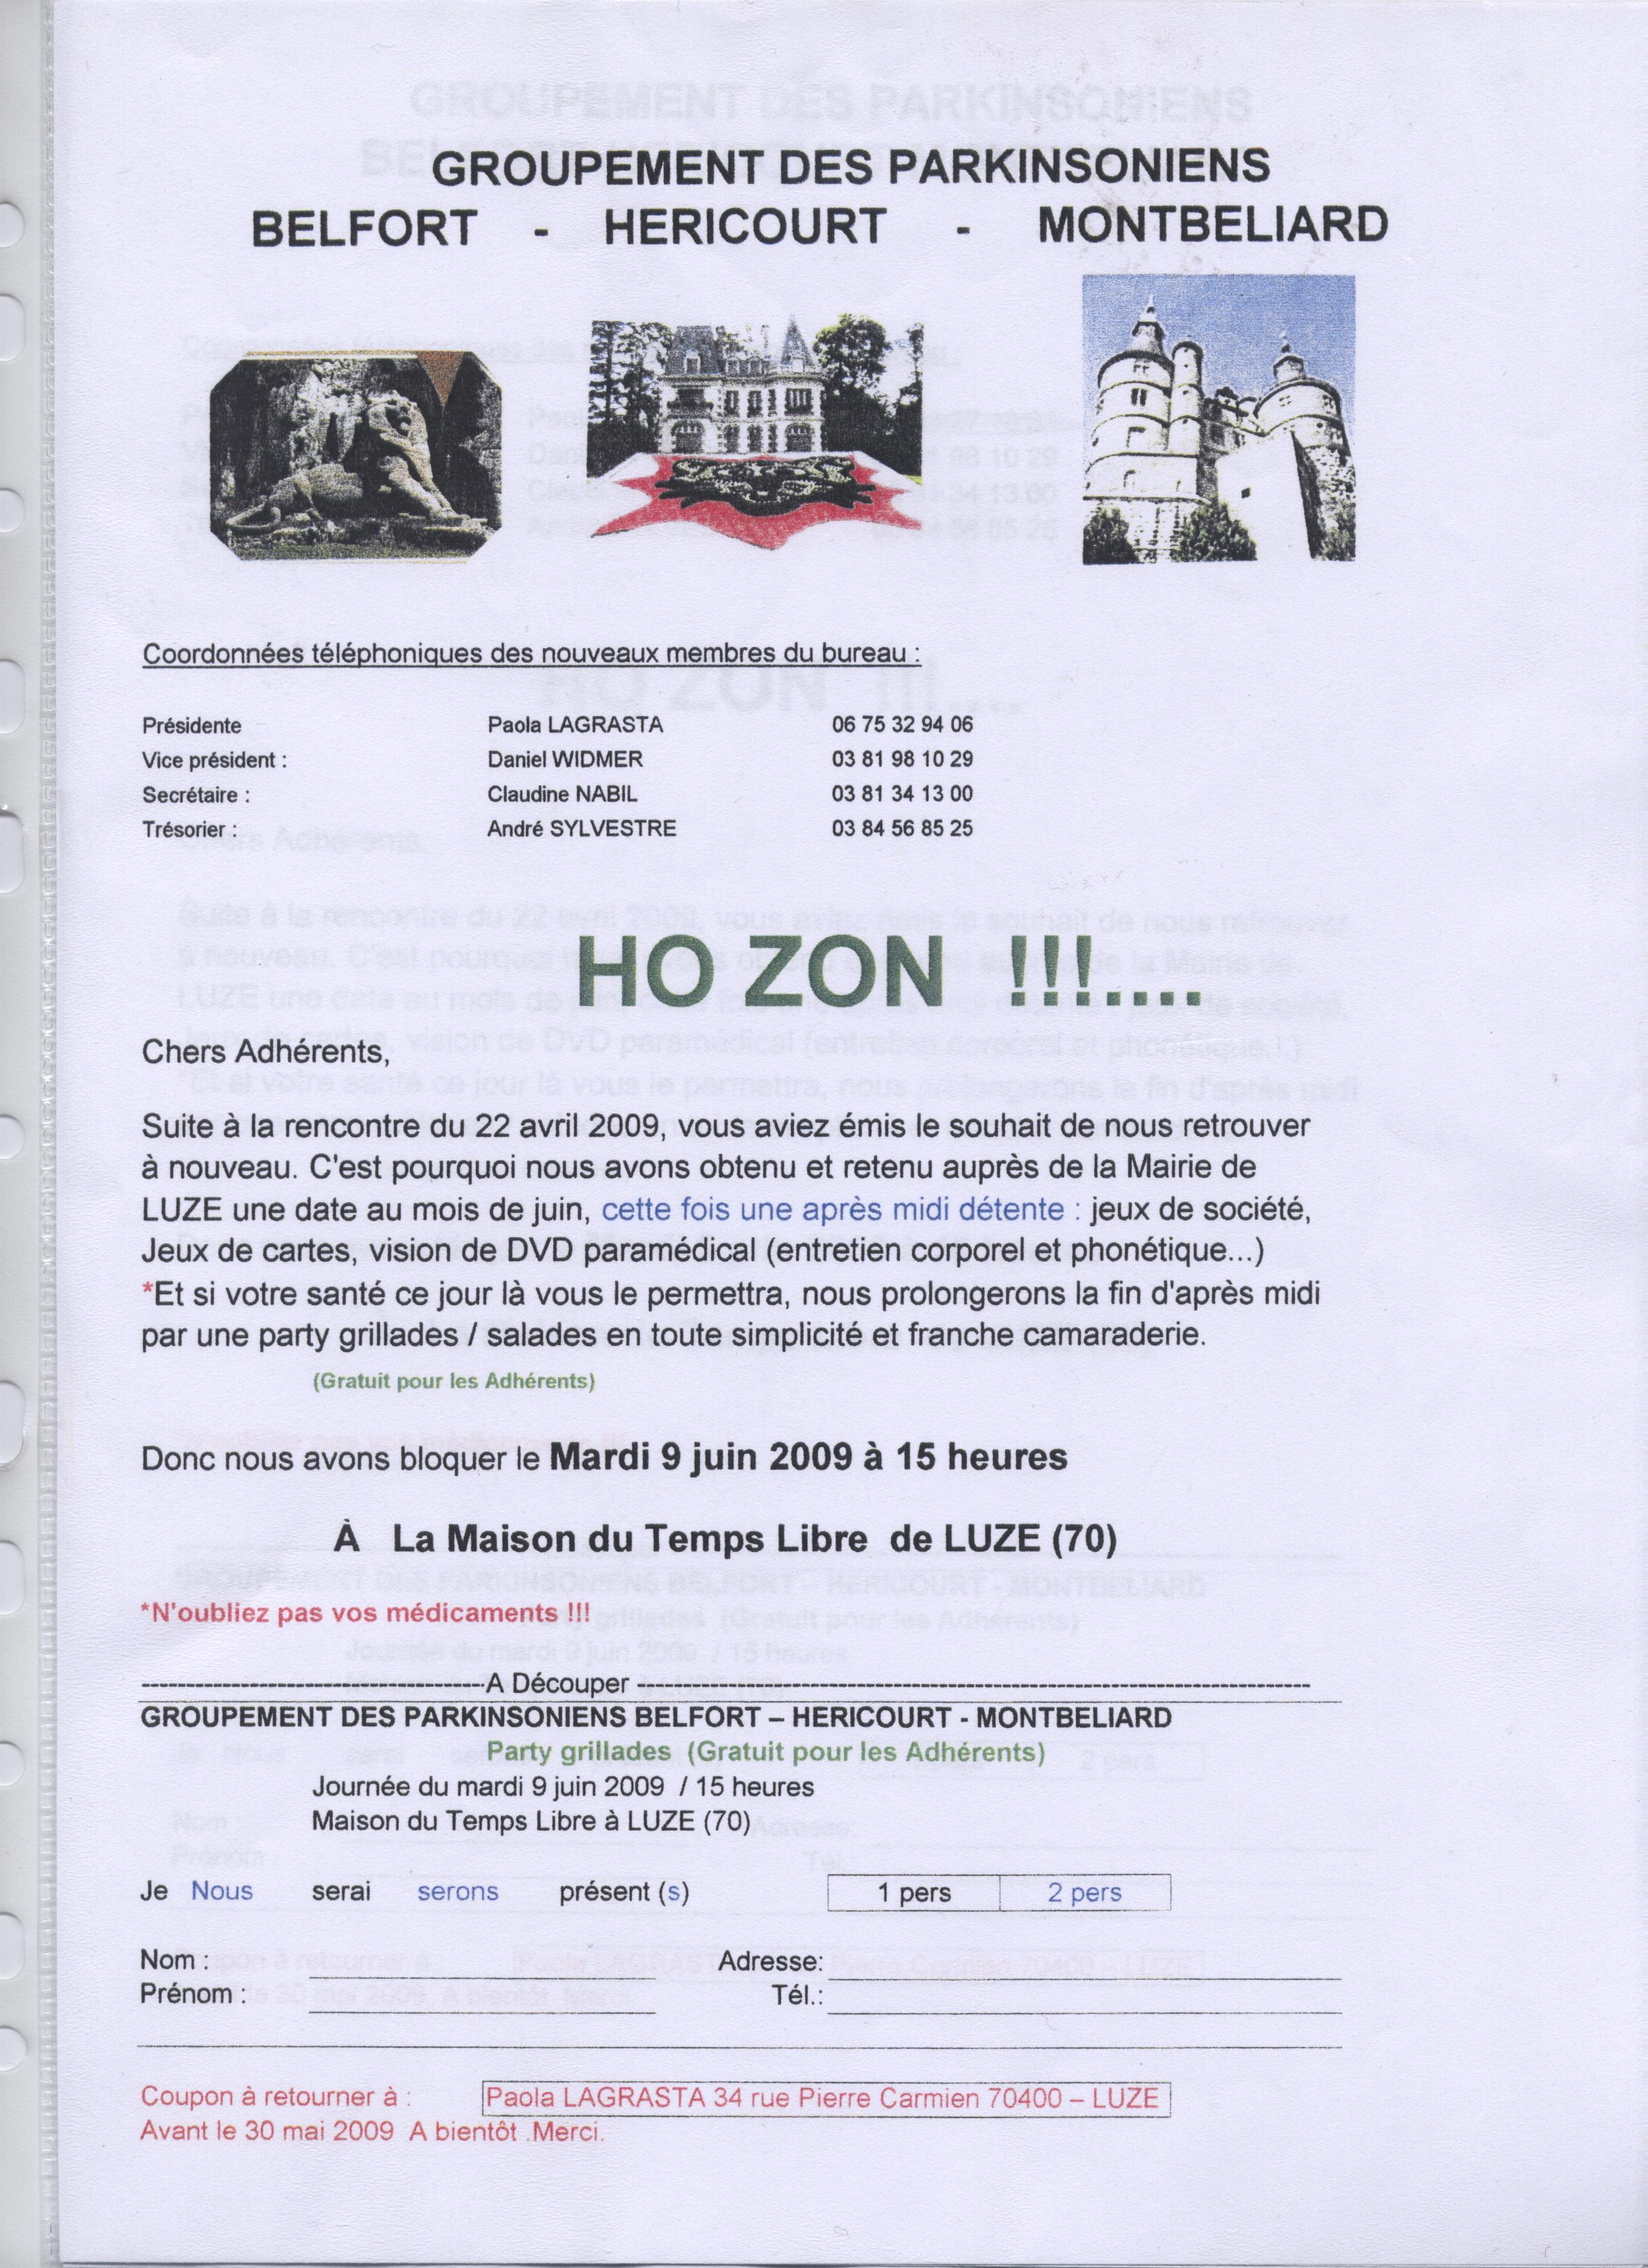 CR réunion du 22/04/2009